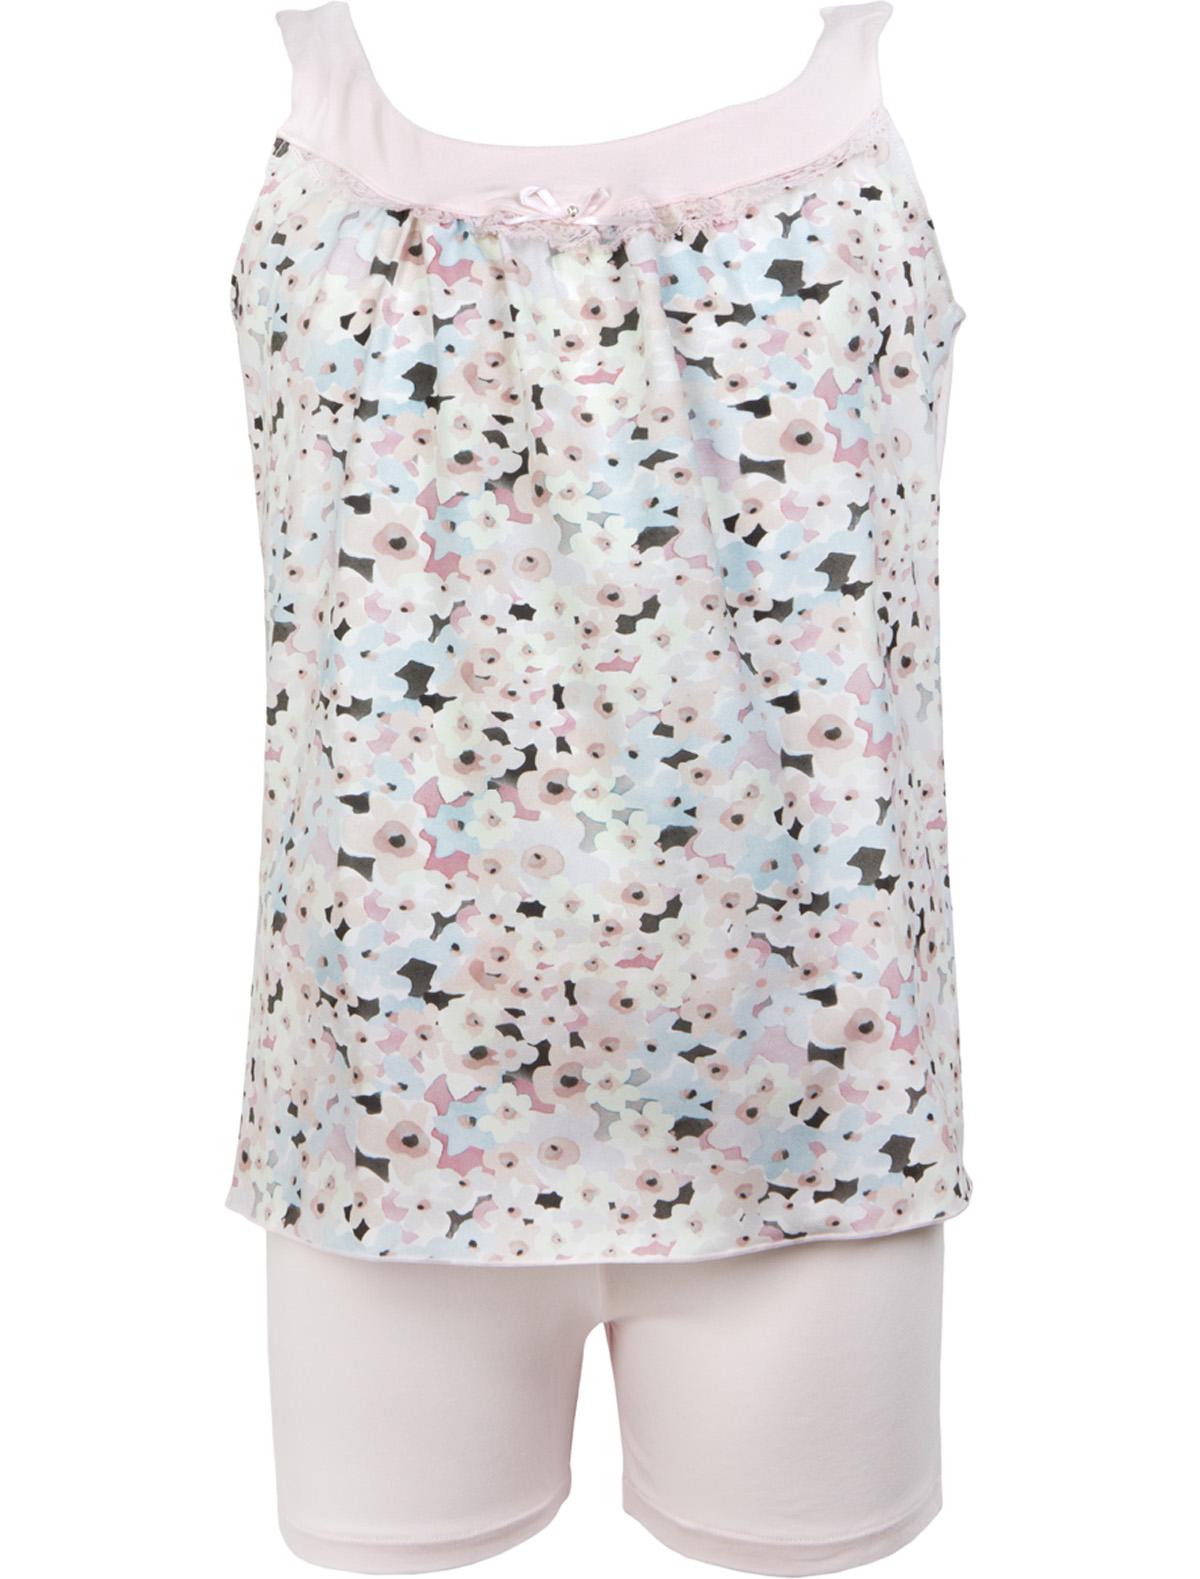 Купить 1860073, Пижама La Perla, розовый, Женский, 0212509670015